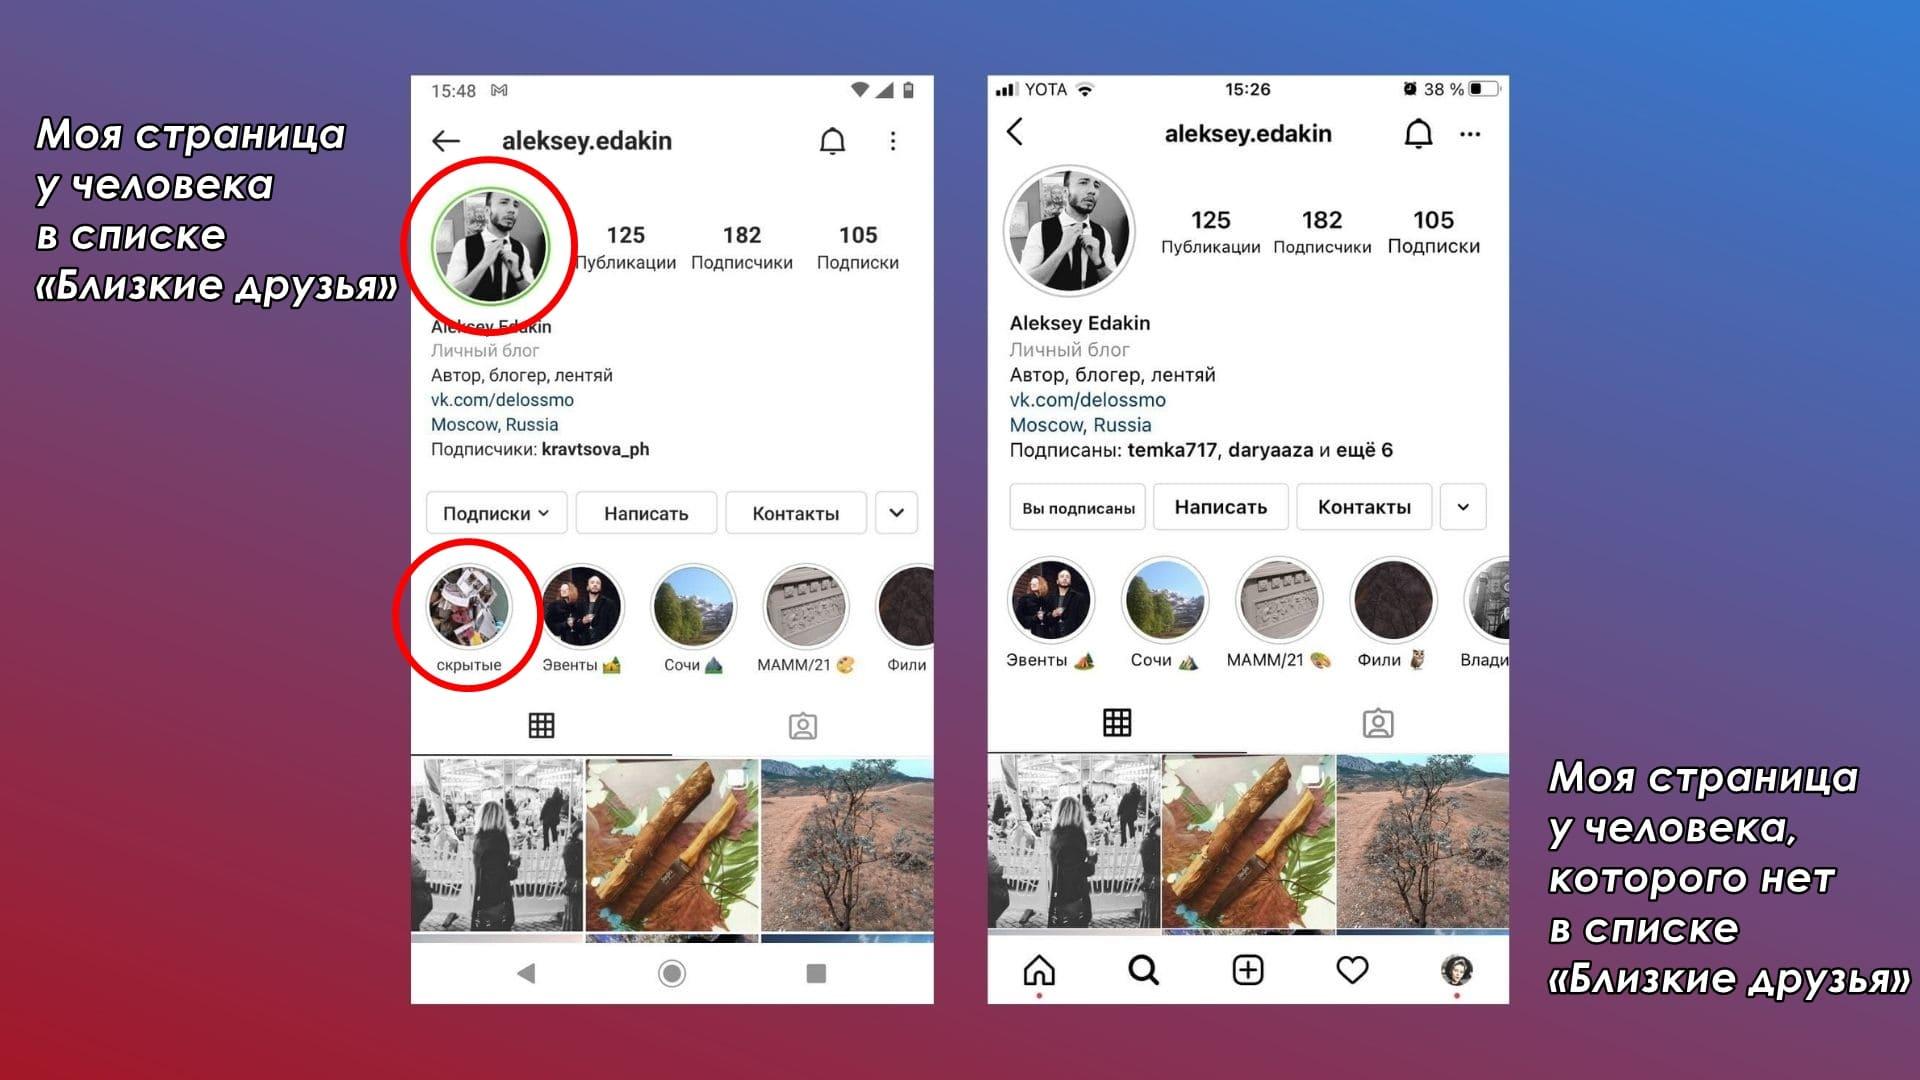 Как видят профиль друзья в Инстаграме